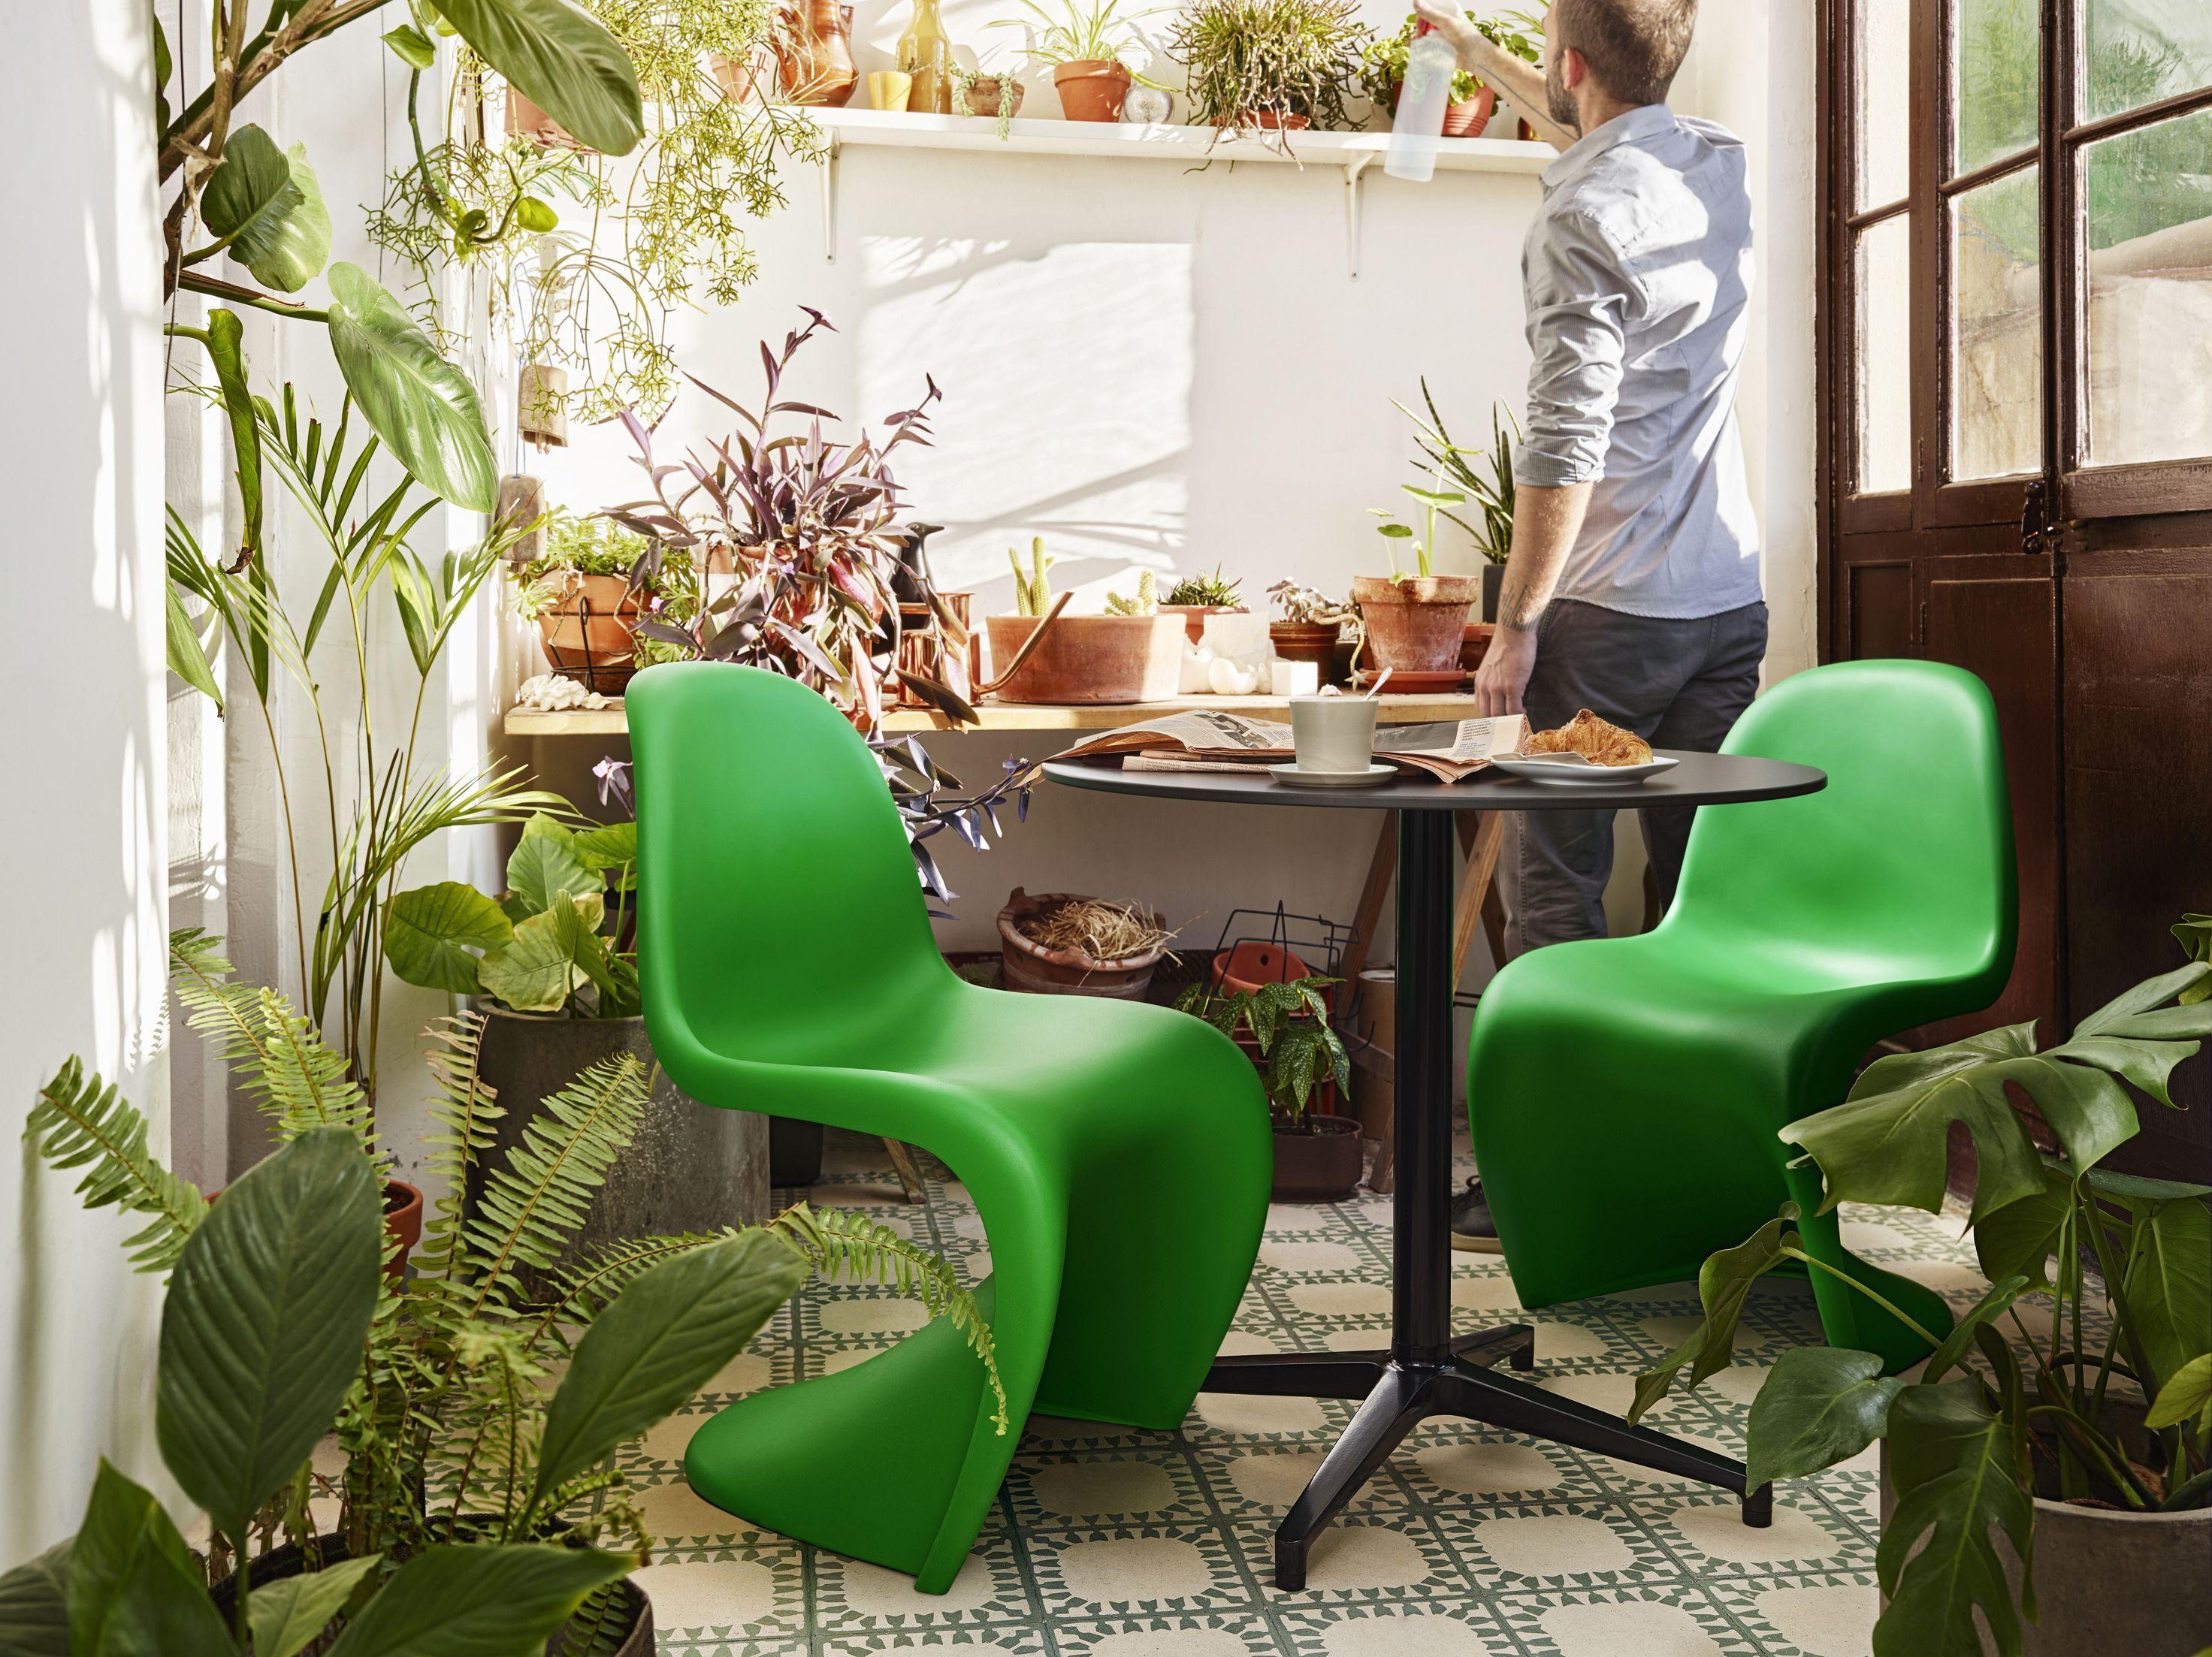 Sillas Panton Summer Edition Por Verner Mesa Bistro Table Diseñada Ronan Erwan Bouroullec